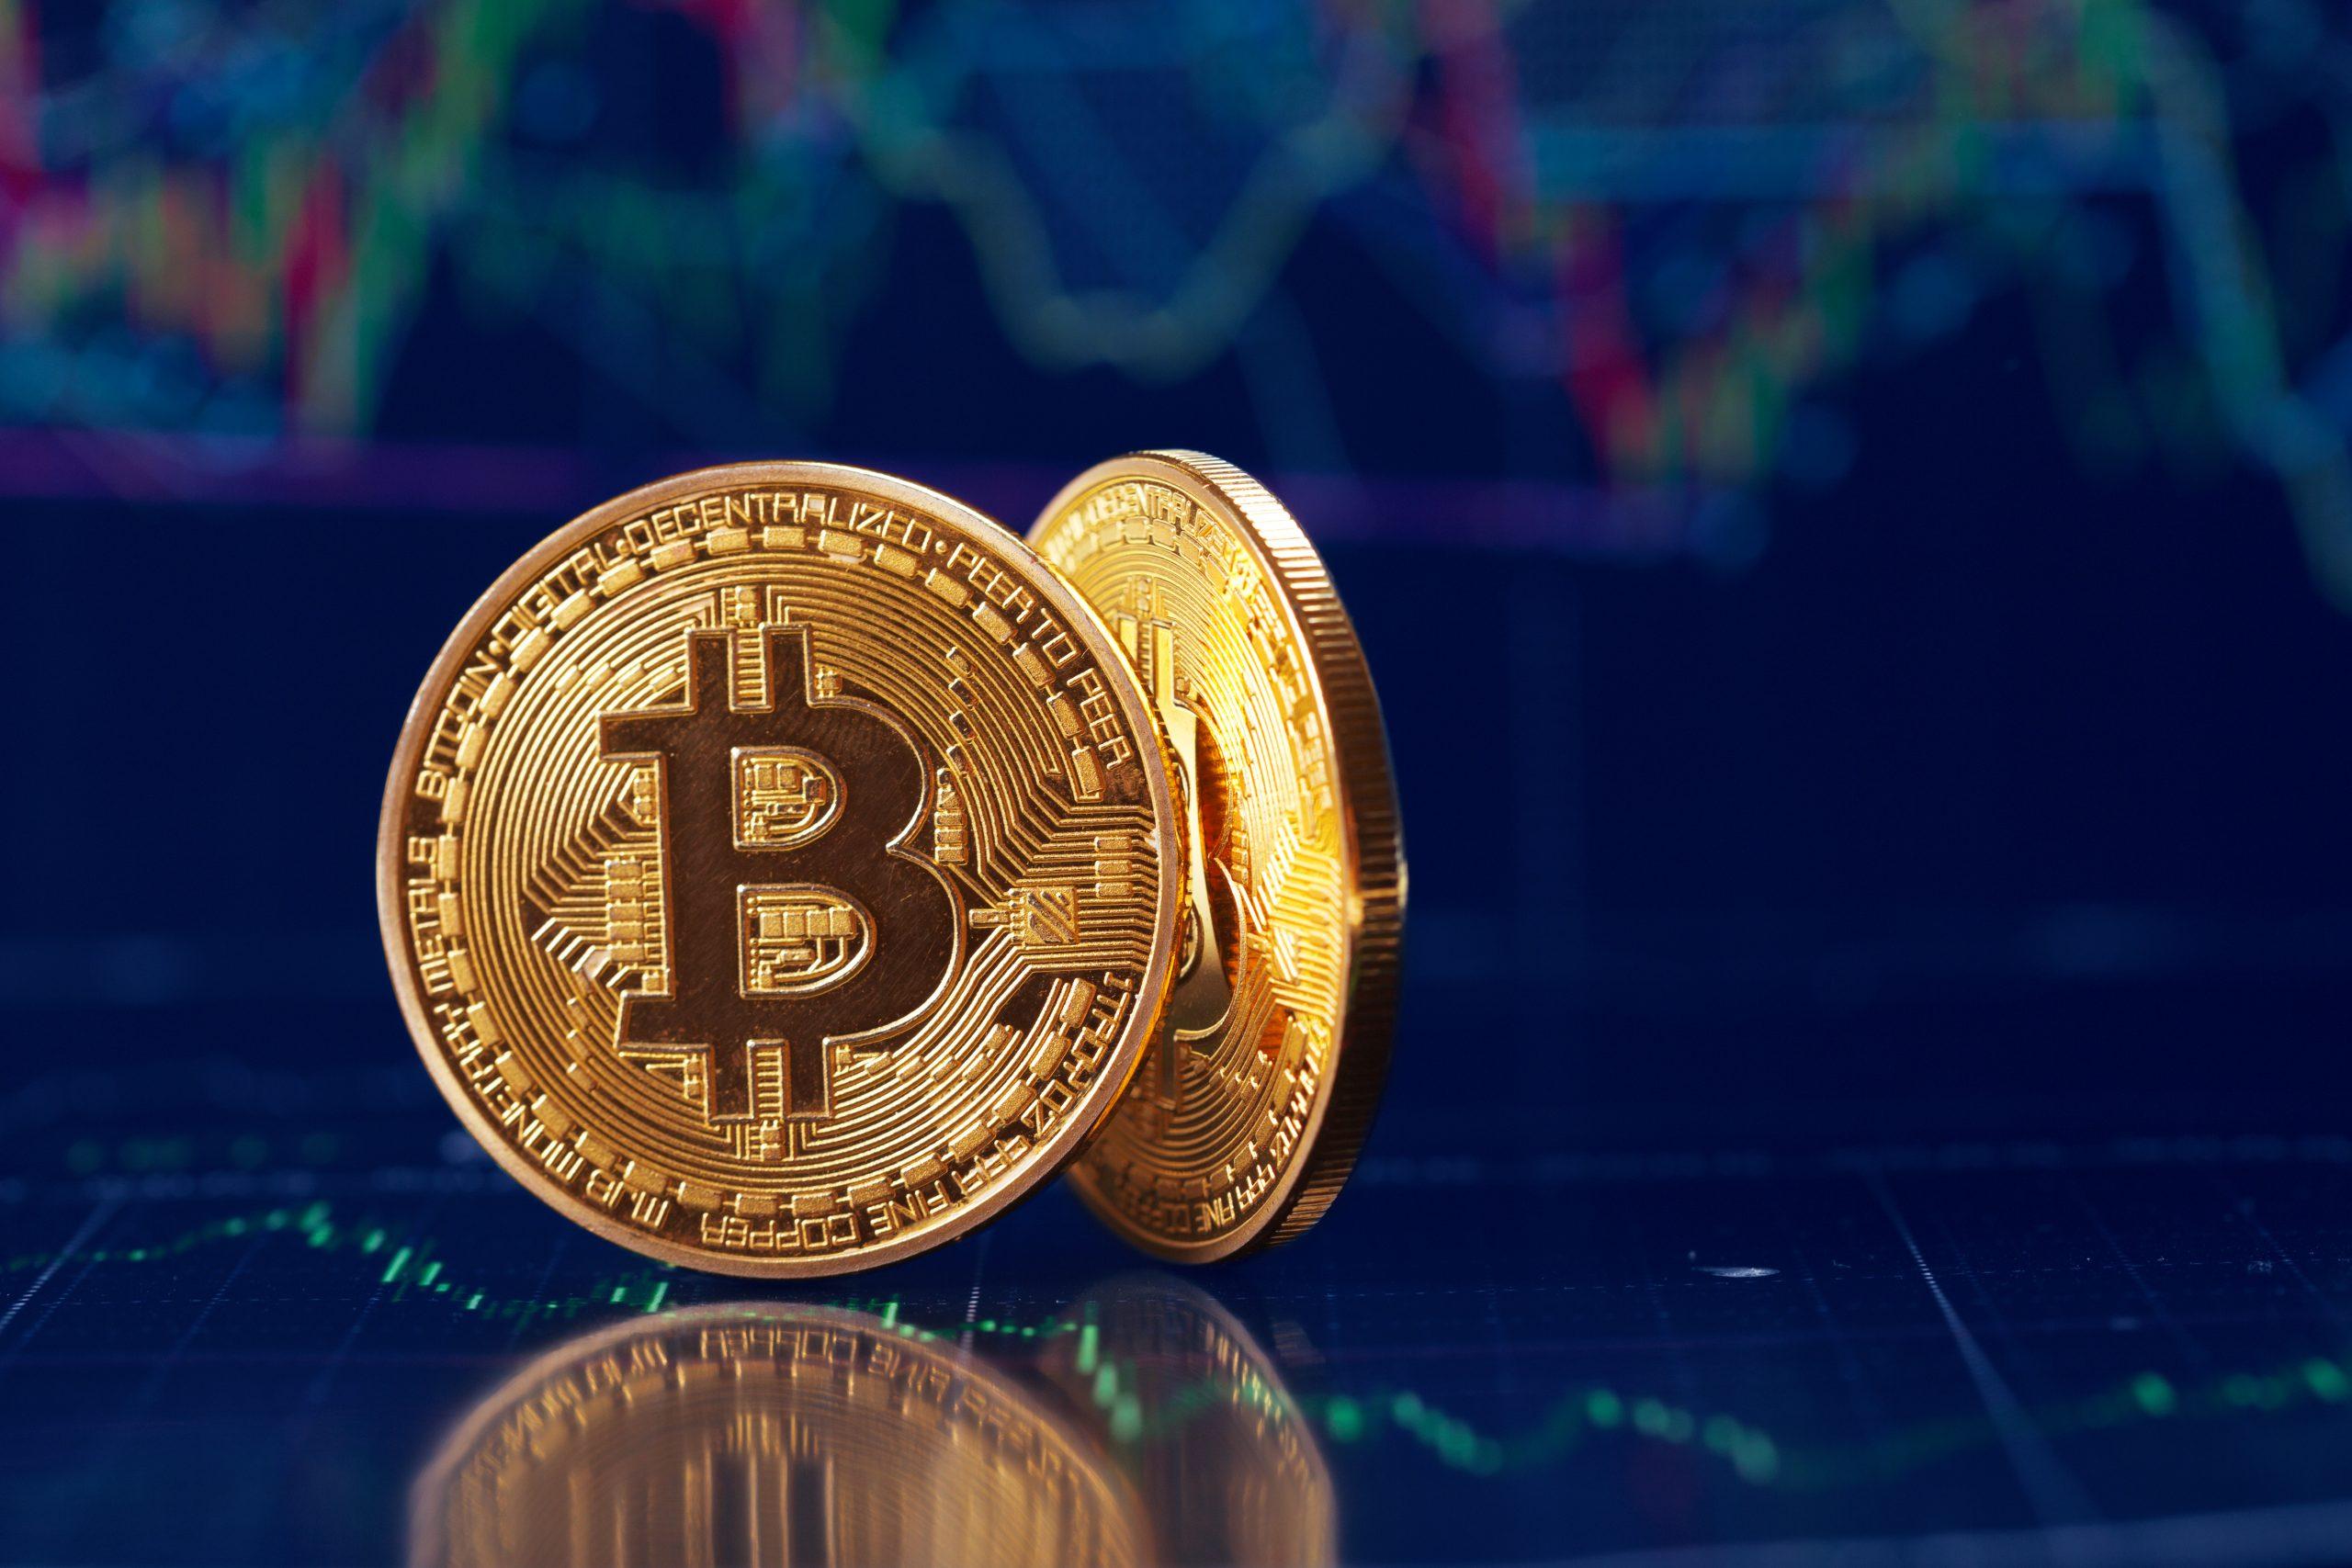 Bitcoin İçin Tehlike Çanları: Yakında Bir Satın Alma Fırsatı mı Geliyor? - Kriptokoin.com